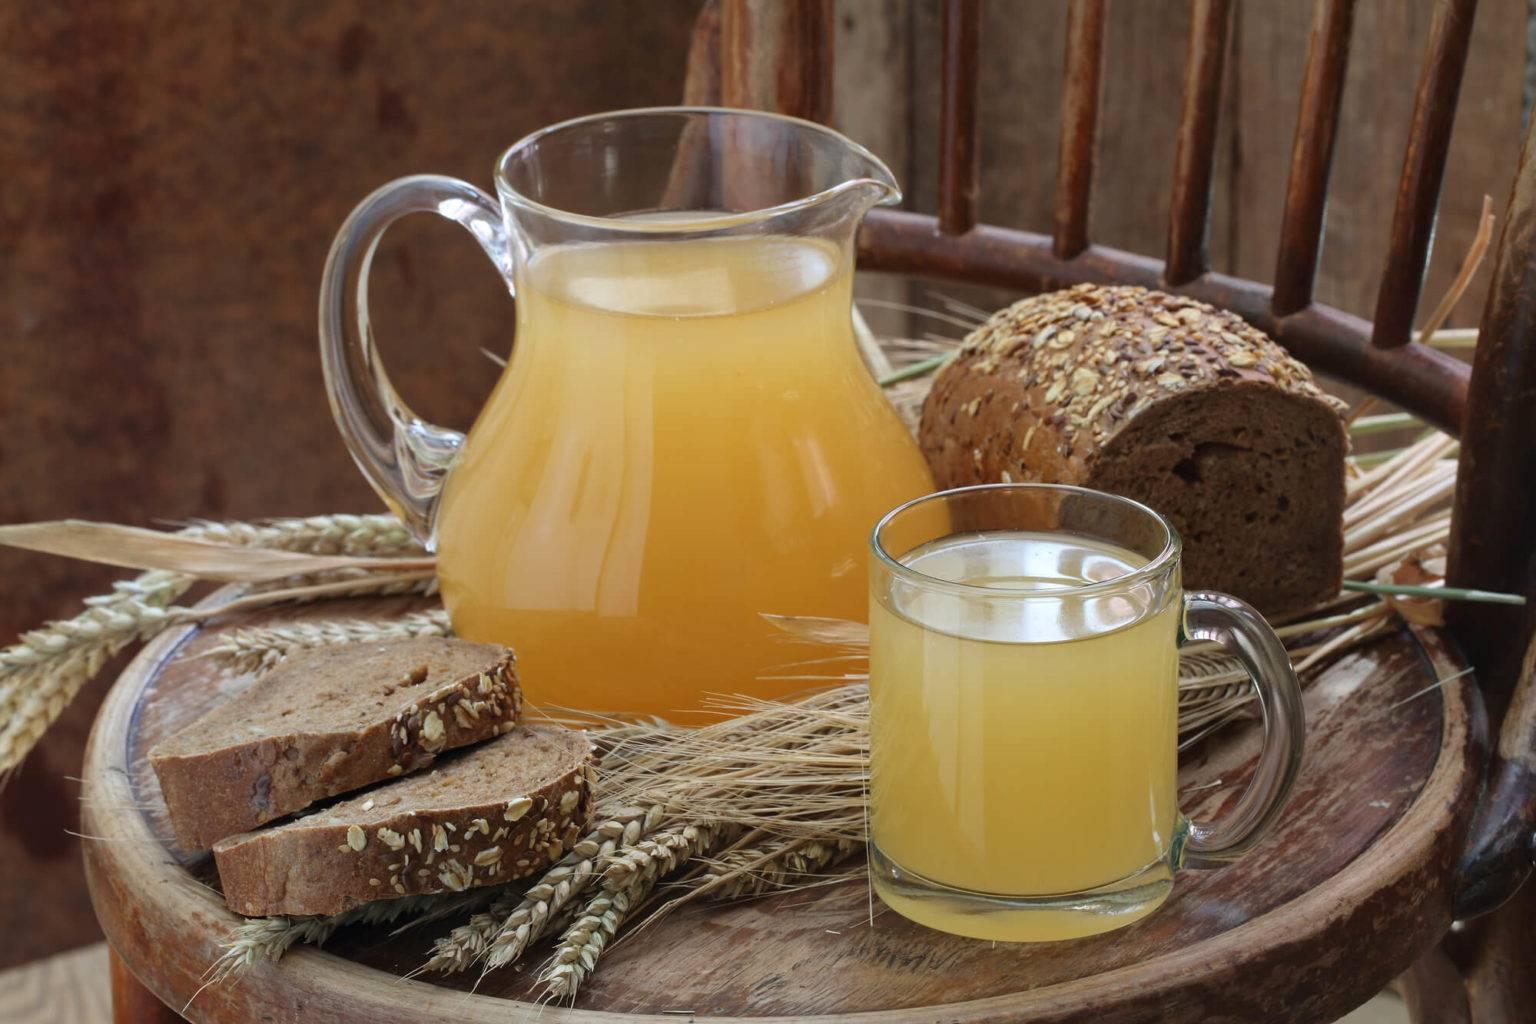 Квас из березового сока. классический березовый квас с изюмом